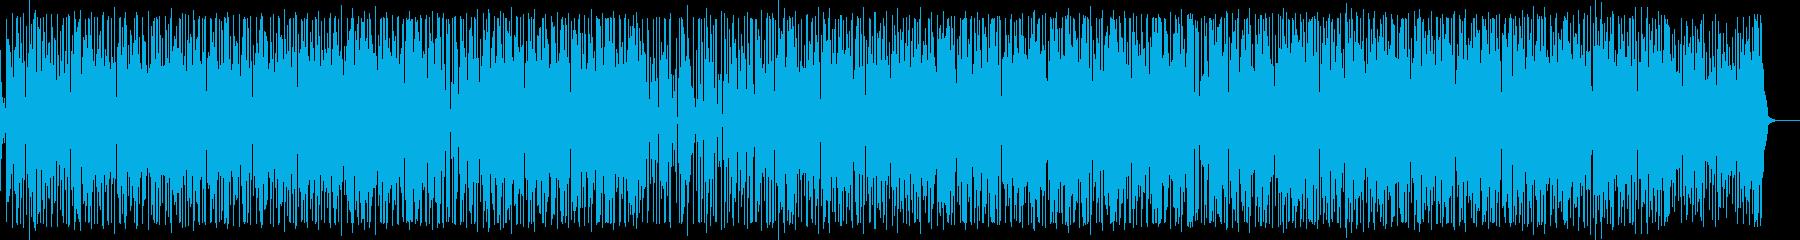 ほのぼの生アコメロのギターポップスの再生済みの波形